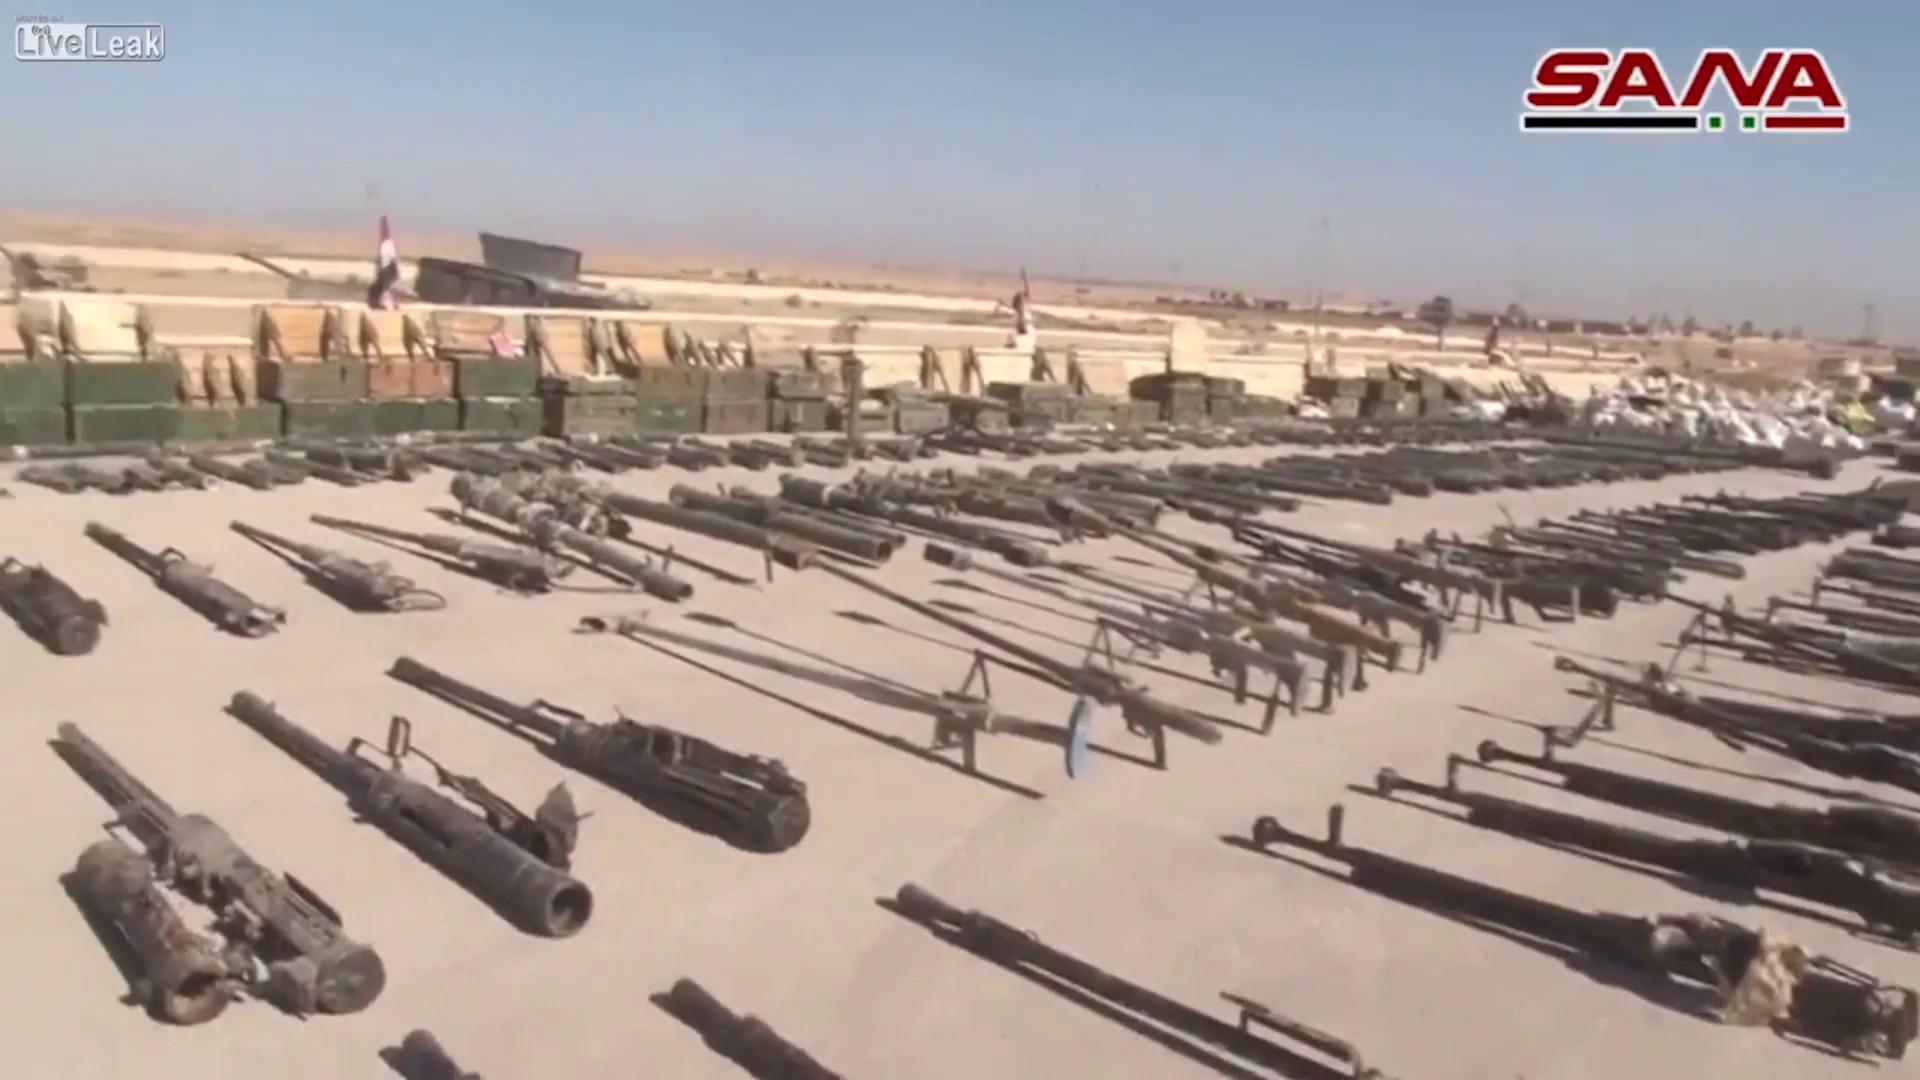 Kho vũ khí tìm thấy tại Al-Mayadeen. (Nguồn: SANA)